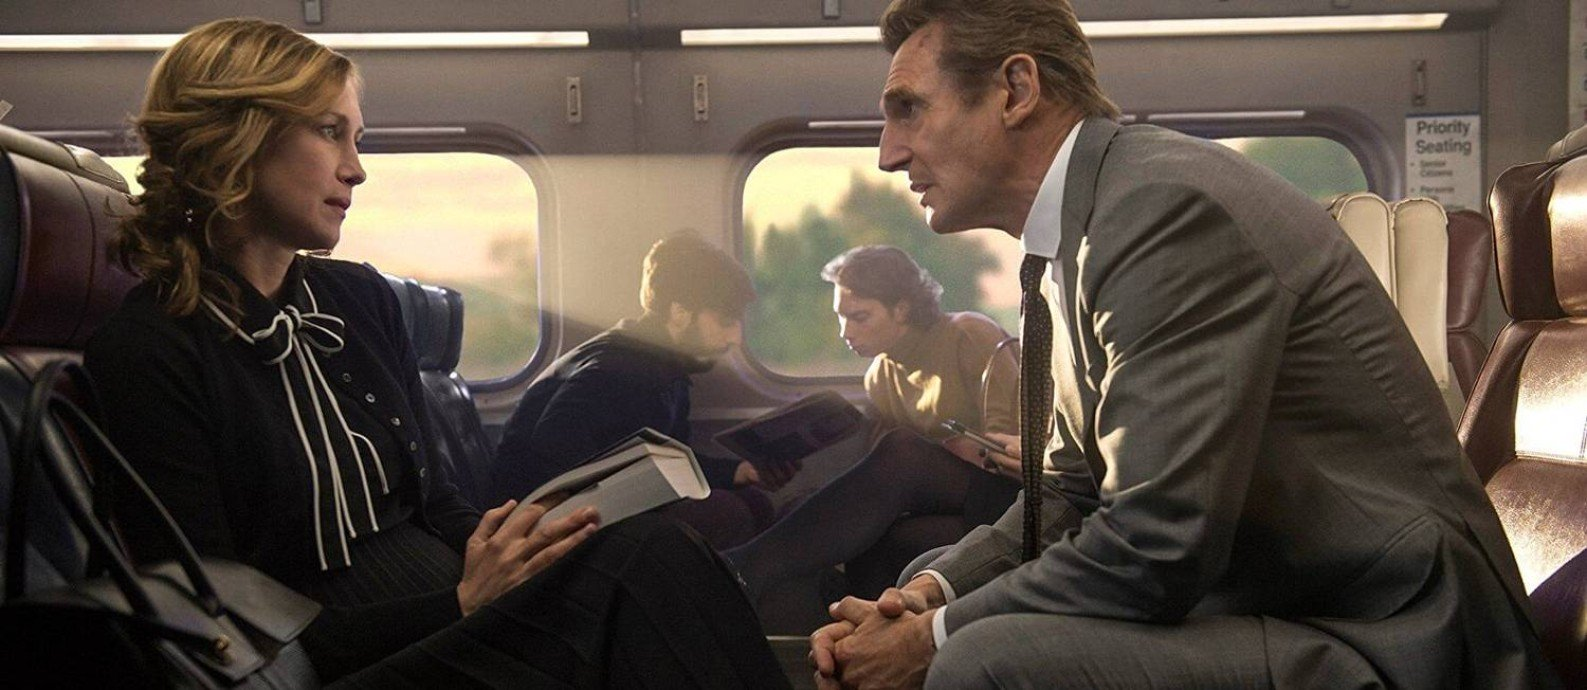 O Passageiro Tv Globo Exibe Filme Com Liam Neeson Hoje Na Tela Quente